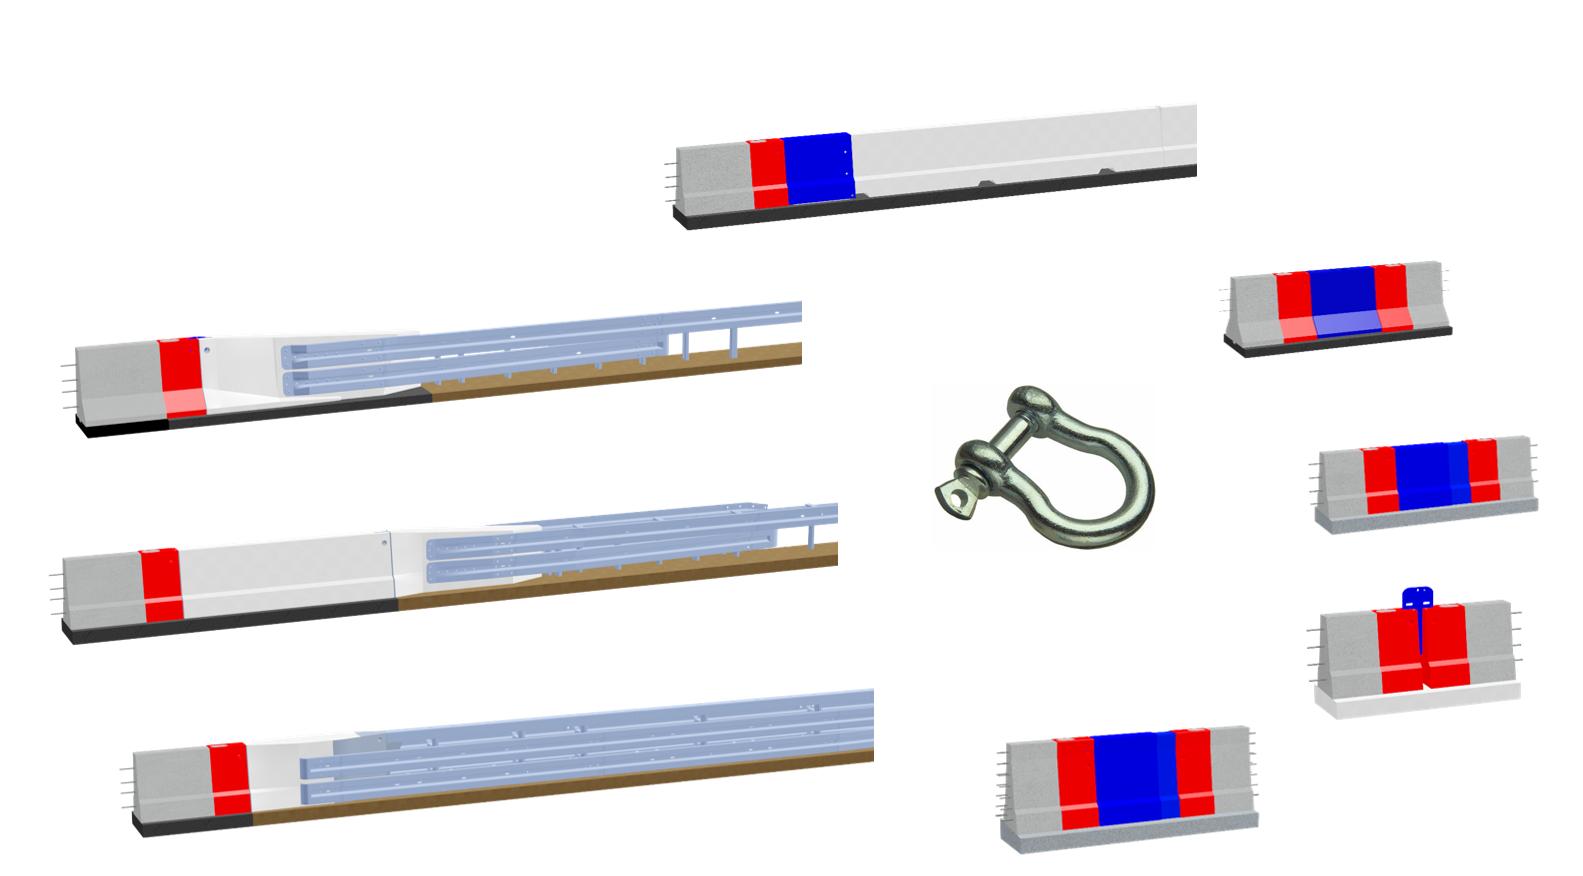 LT 1 Universalanschlusselement Betonschutzwand